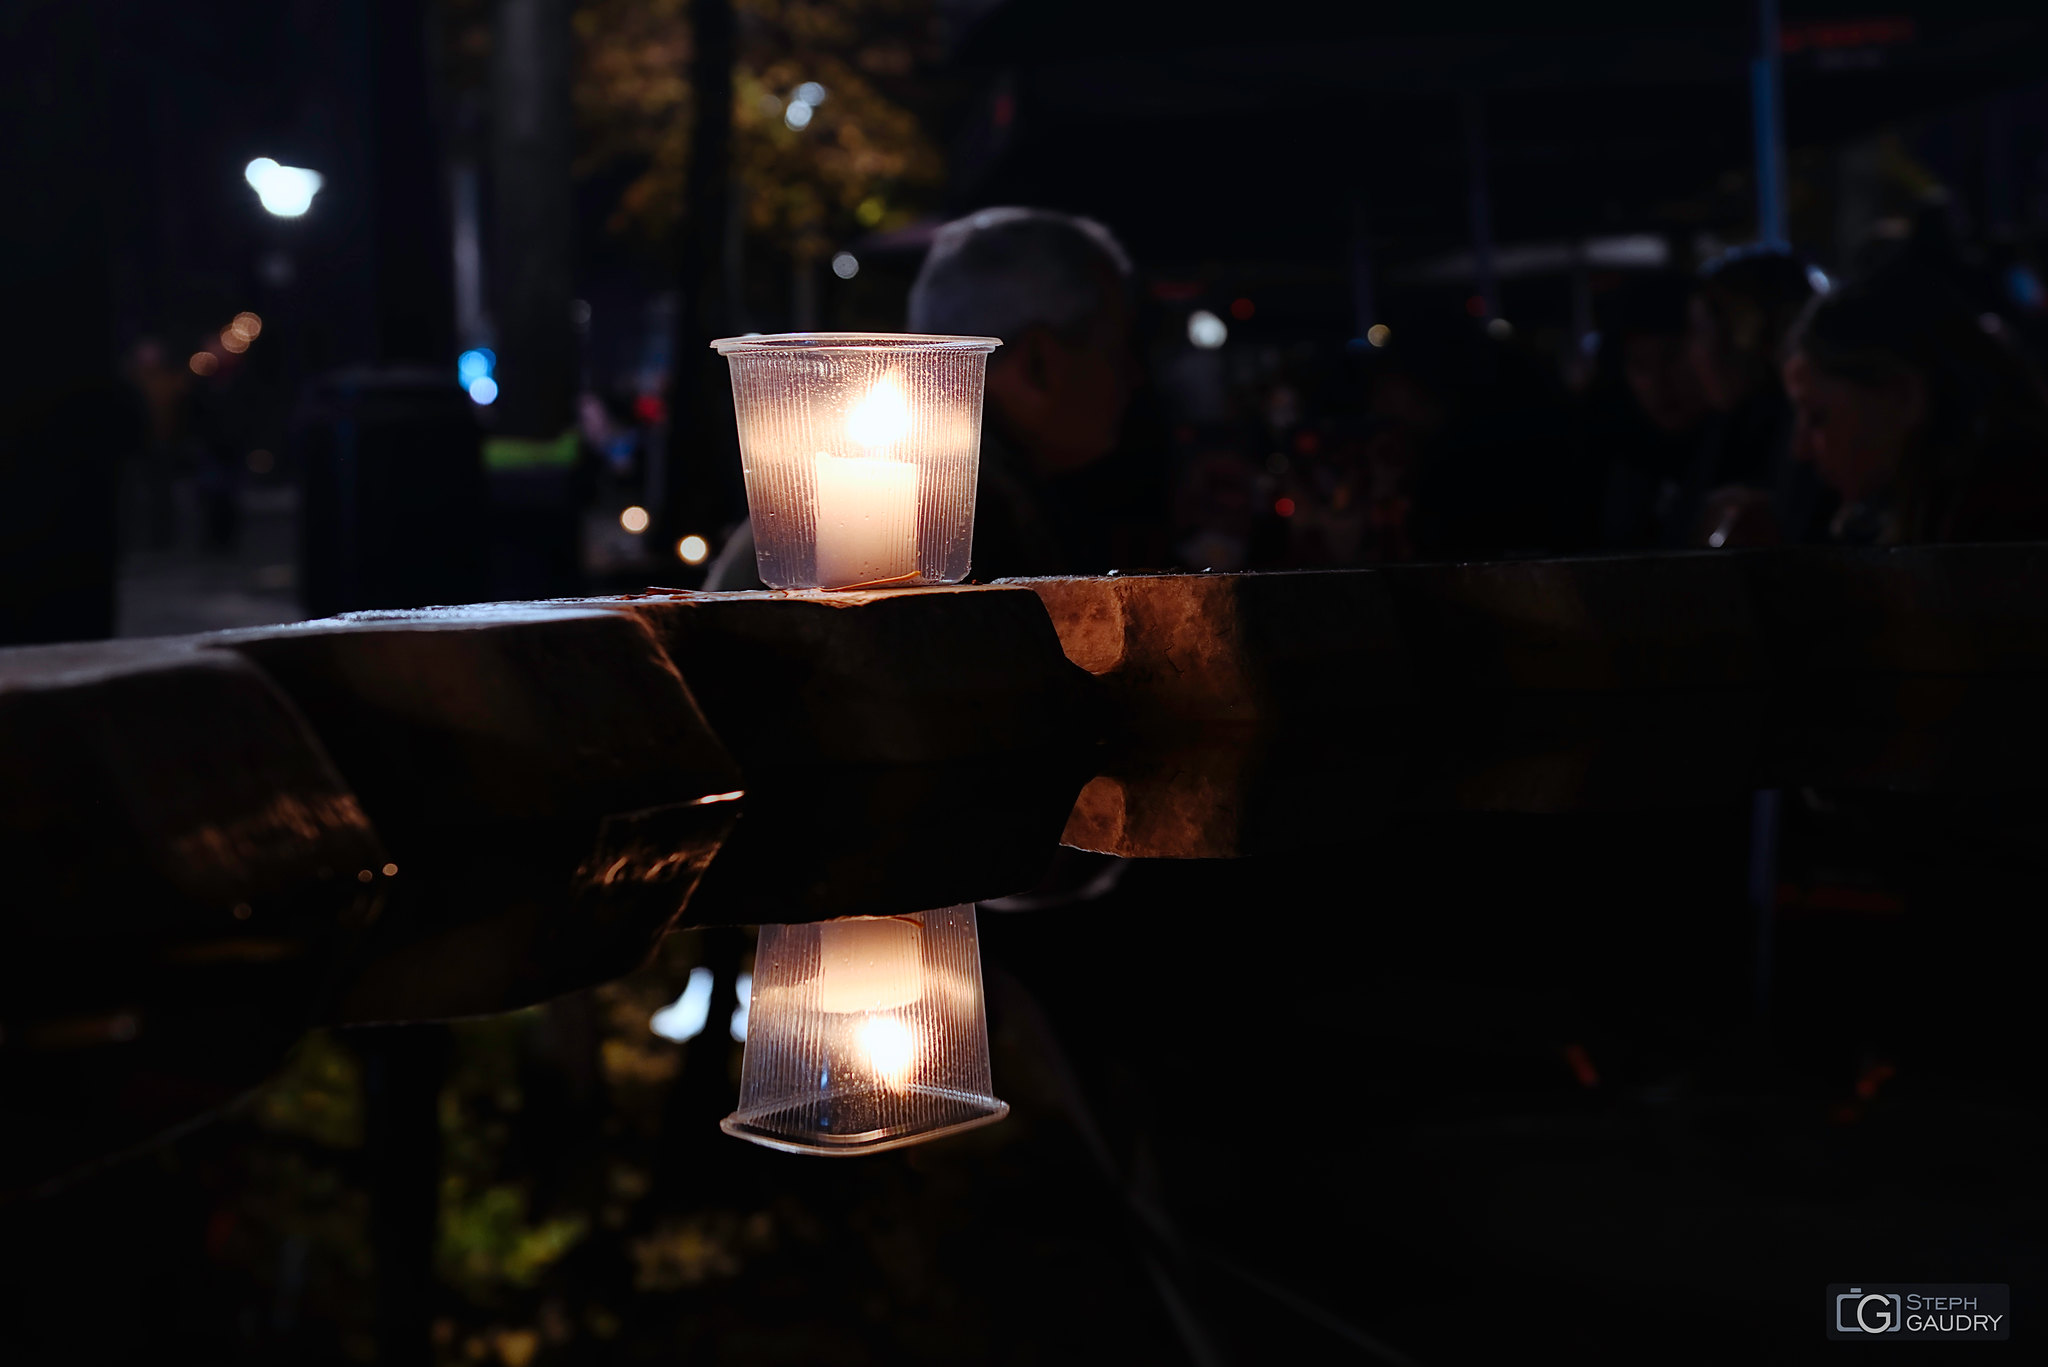 Nocturne des coteaux 2019 - reflets sur le Perron [Klik om de diavoorstelling te starten]